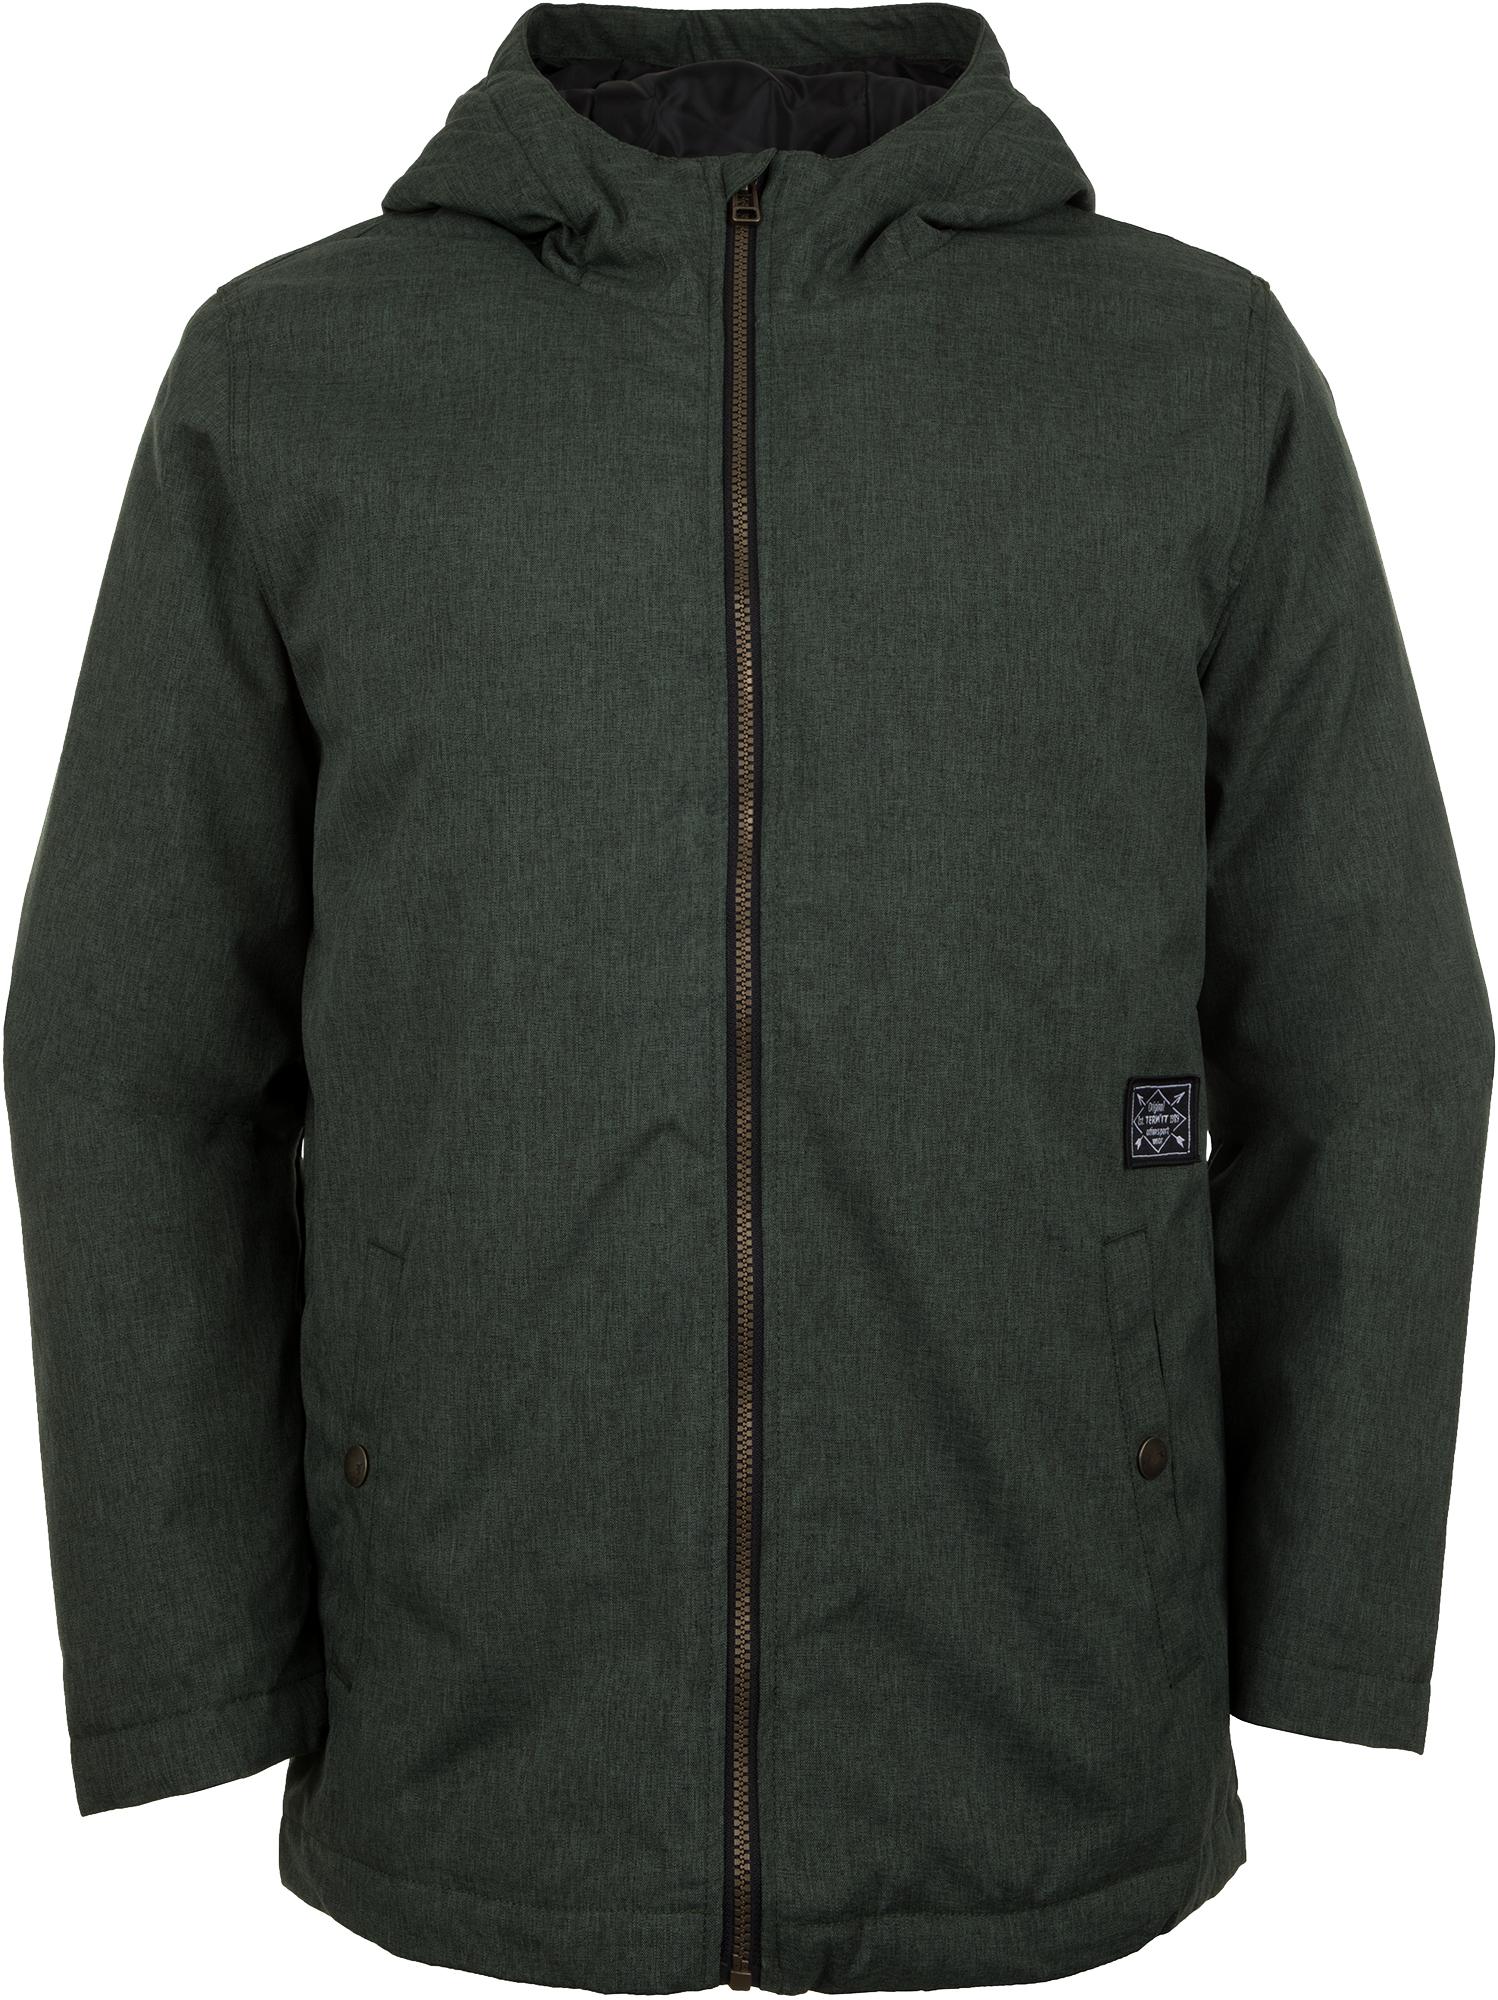 купить Termit Куртка утепленная мужская Termit, размер 52 по цене 2999 рублей